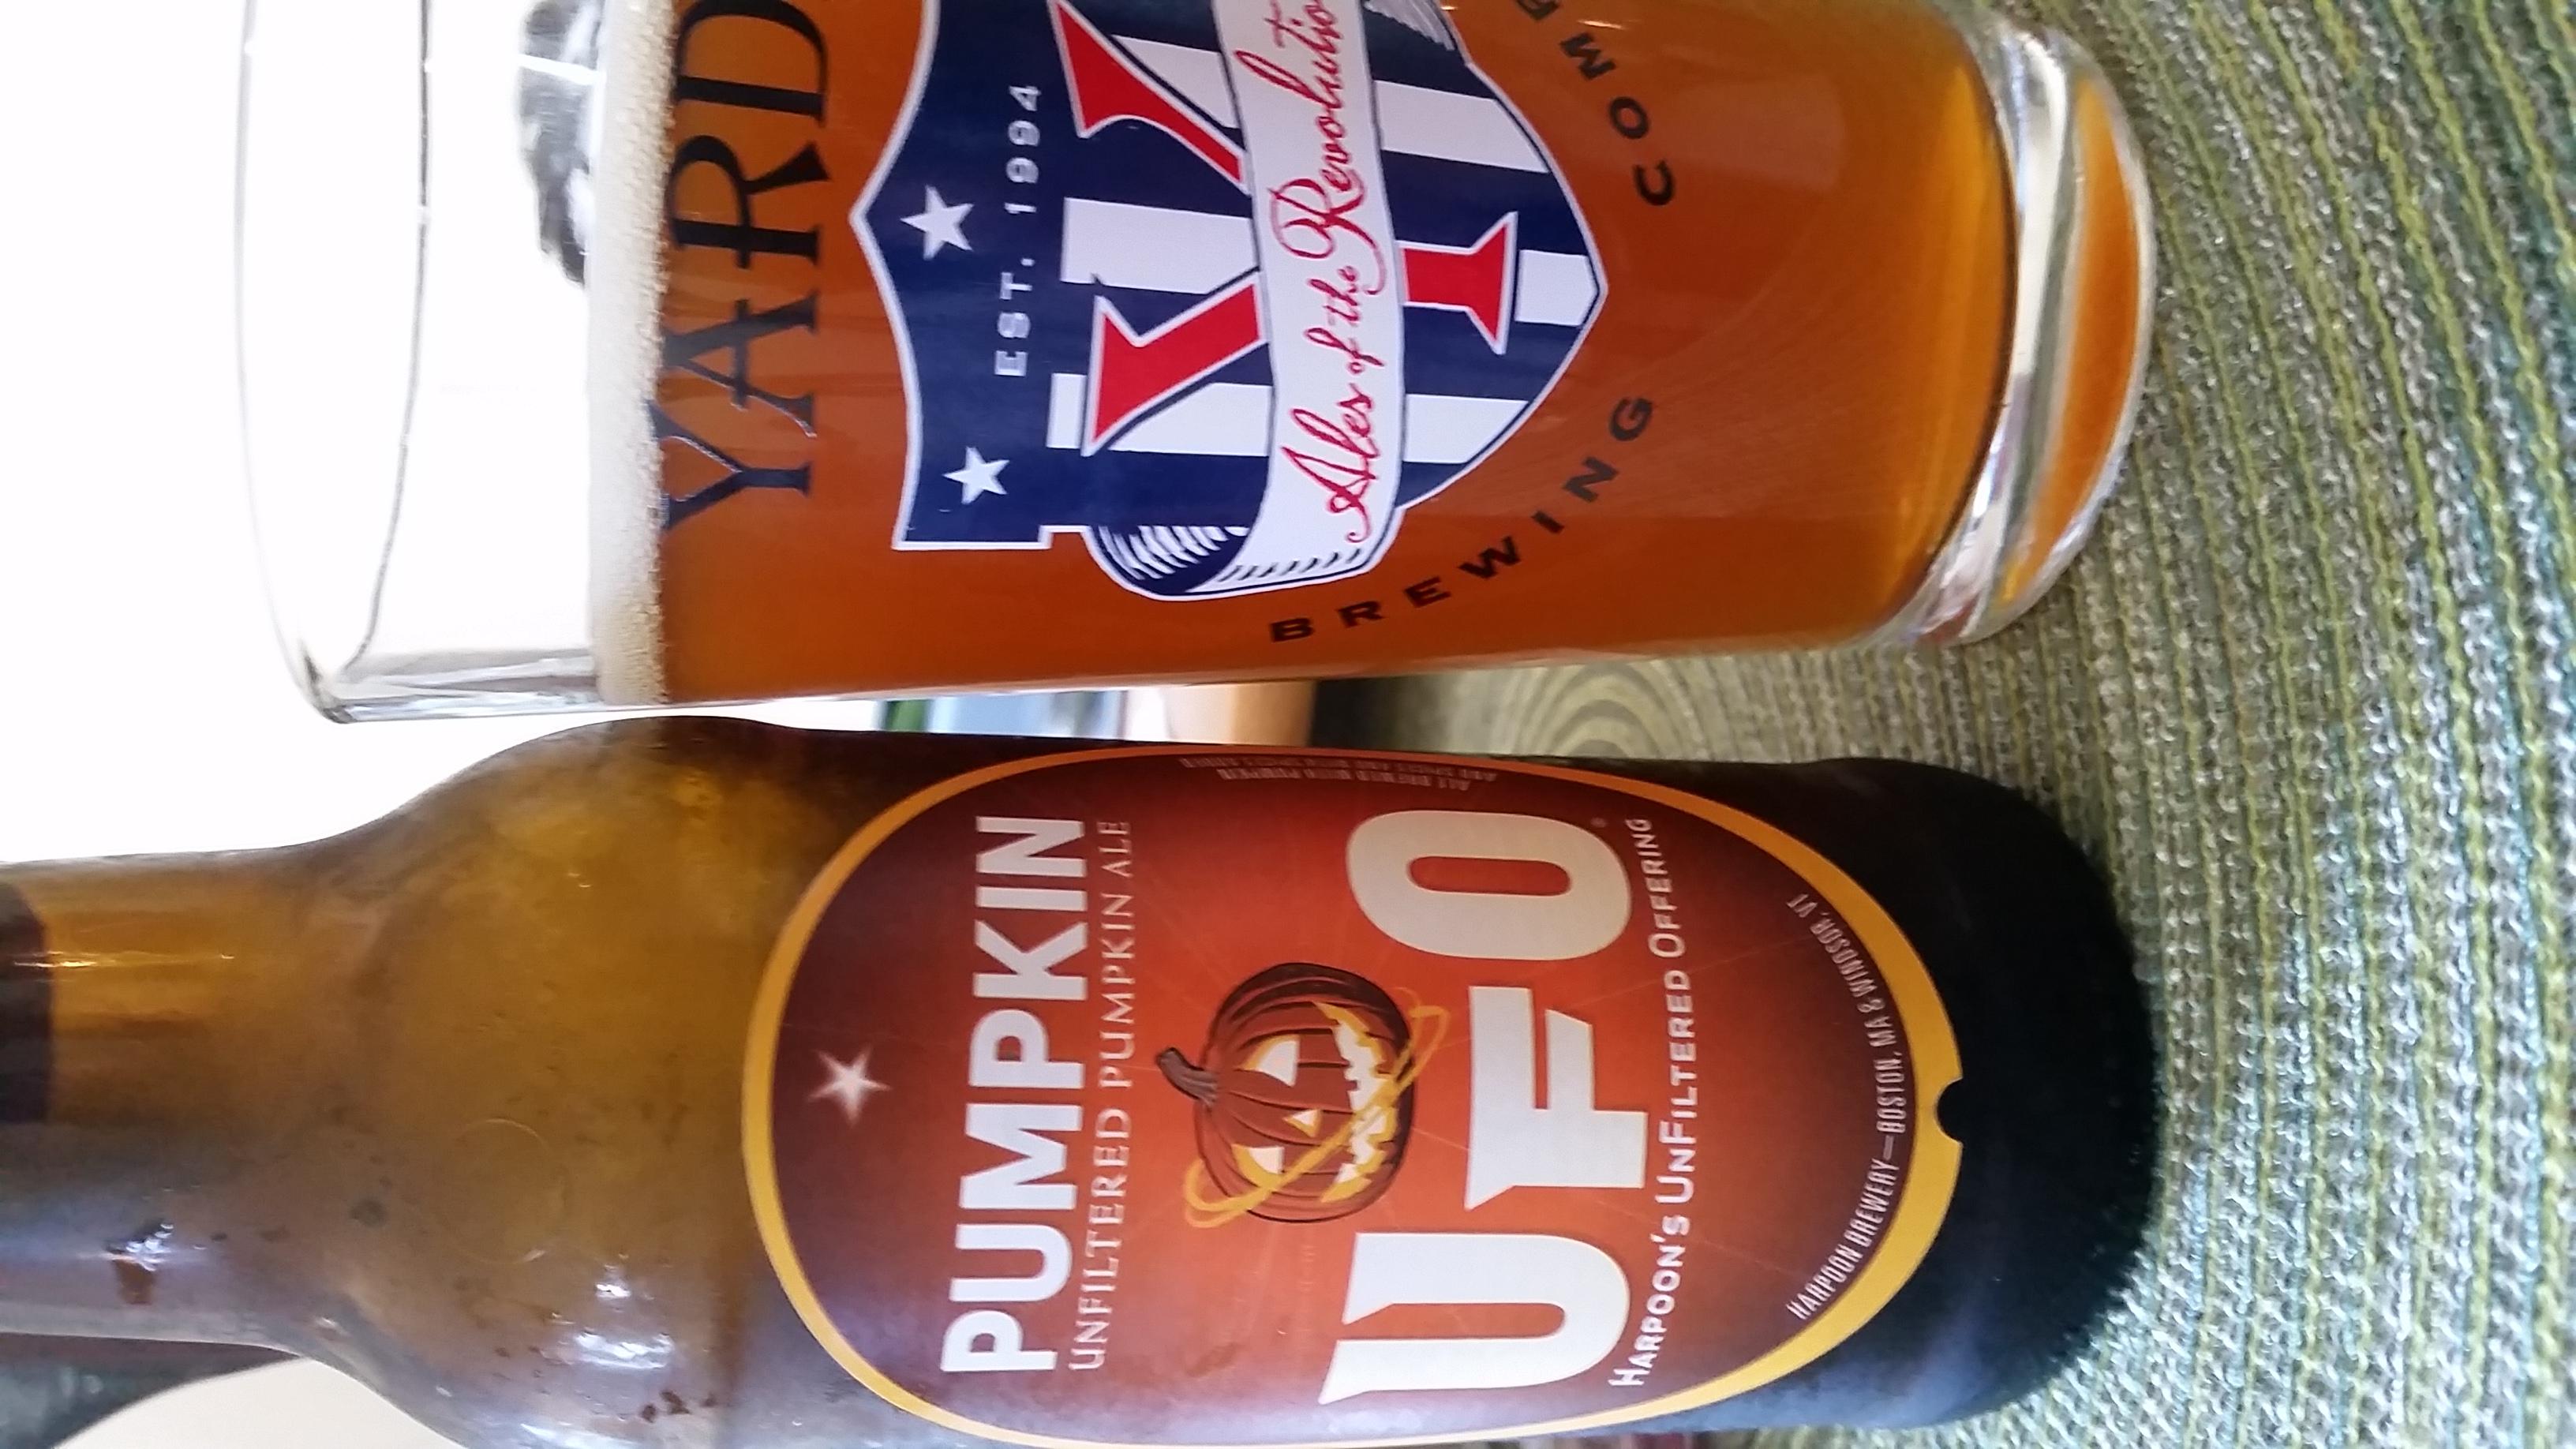 MuteKi Beer